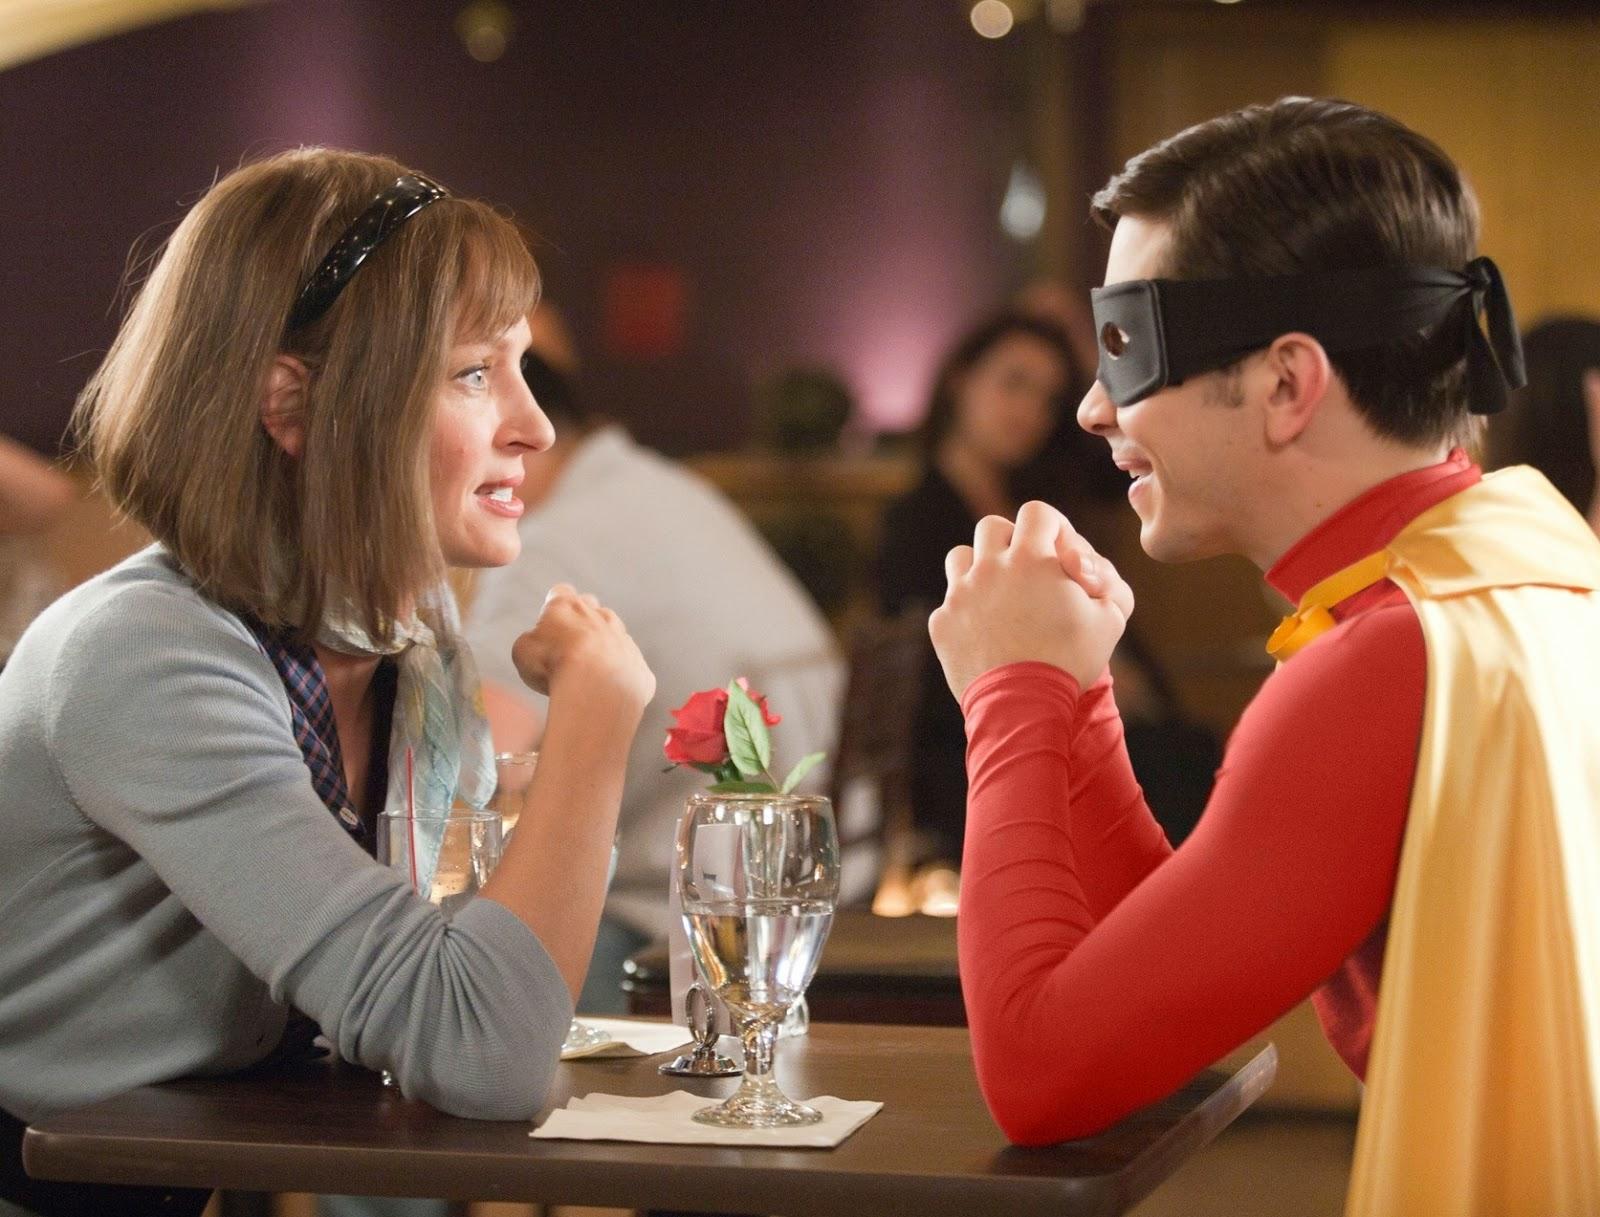 Cherir speed dating